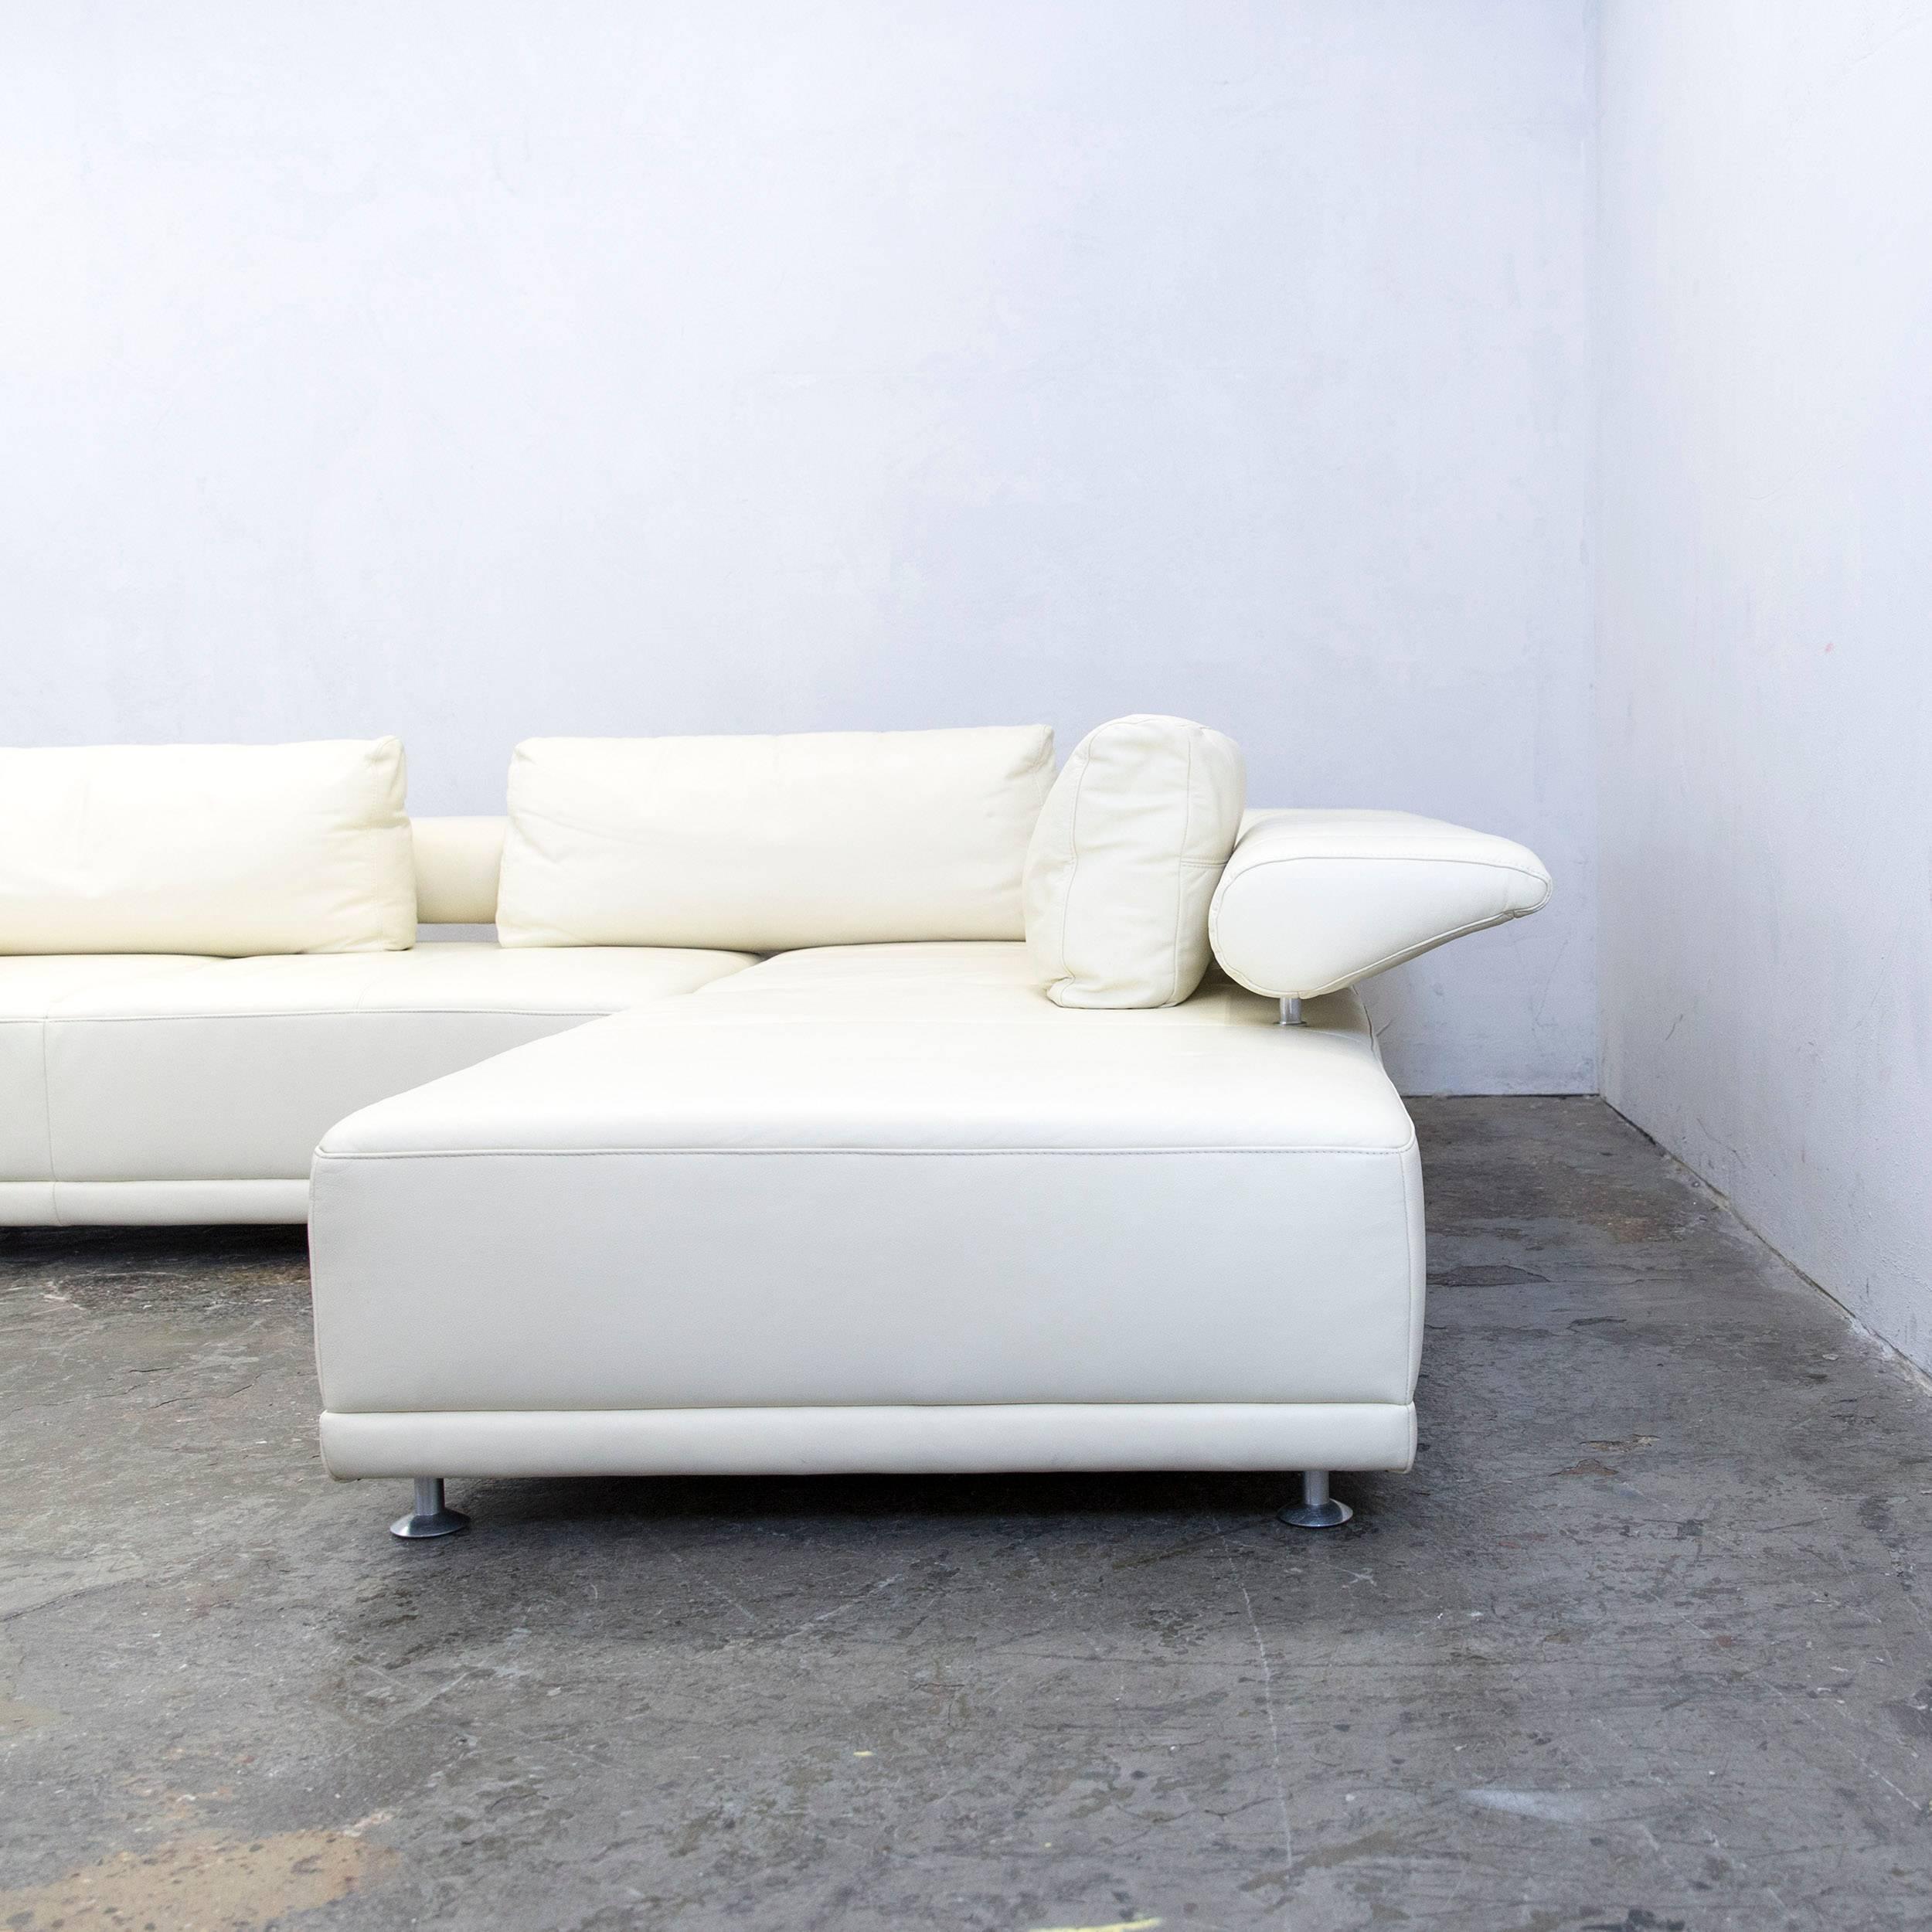 otto kautsch tatjana kautsch with otto kautsch bretz. Black Bedroom Furniture Sets. Home Design Ideas